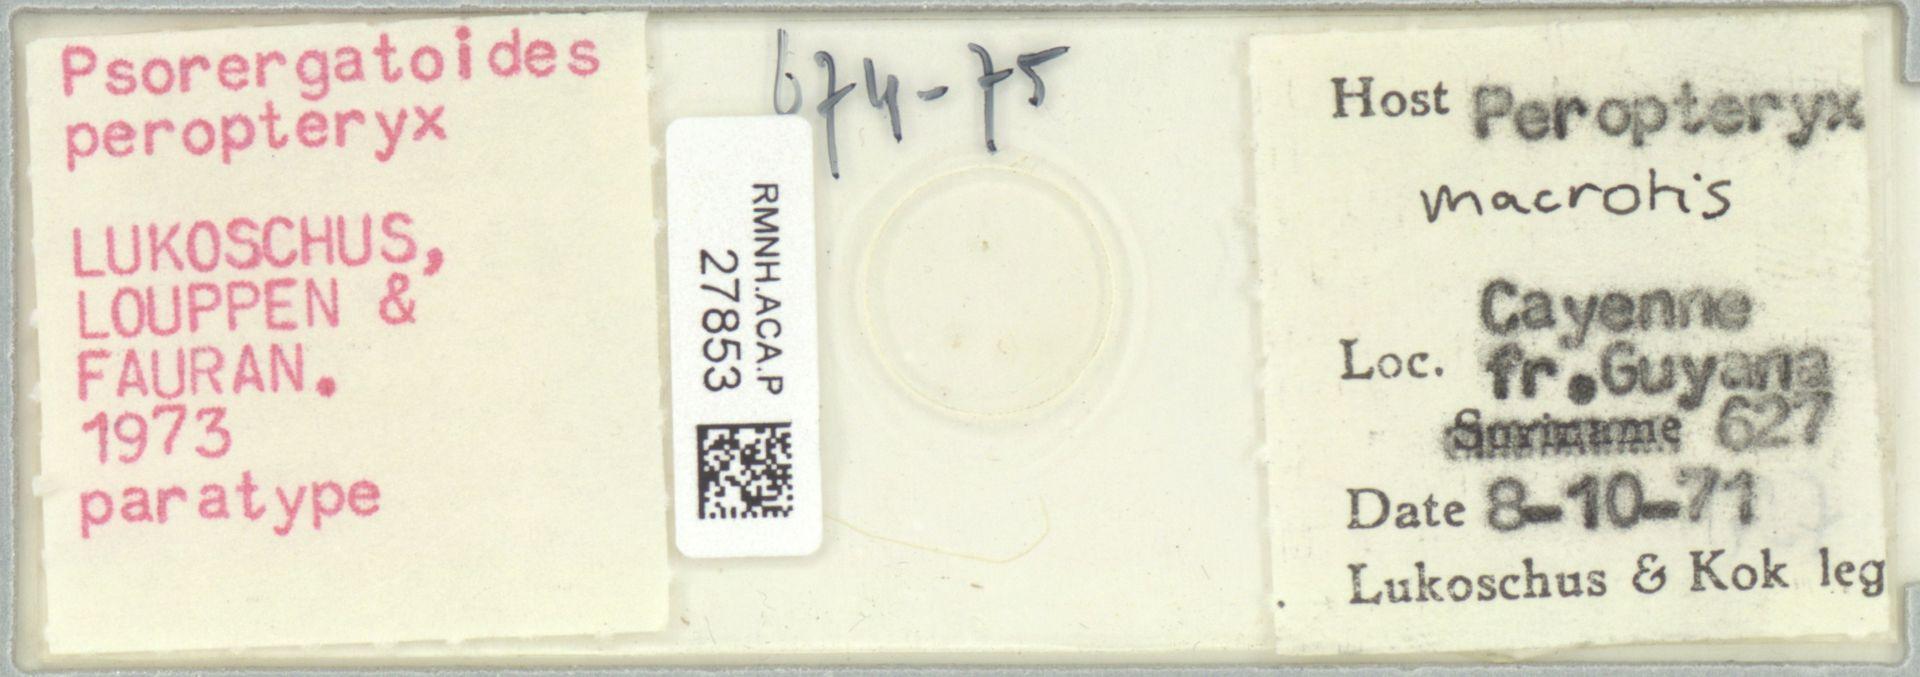 RMNH.ACA.P.27853 | Psorergatoides peropteryx Lukoschus, Louppen & Fauran 1973